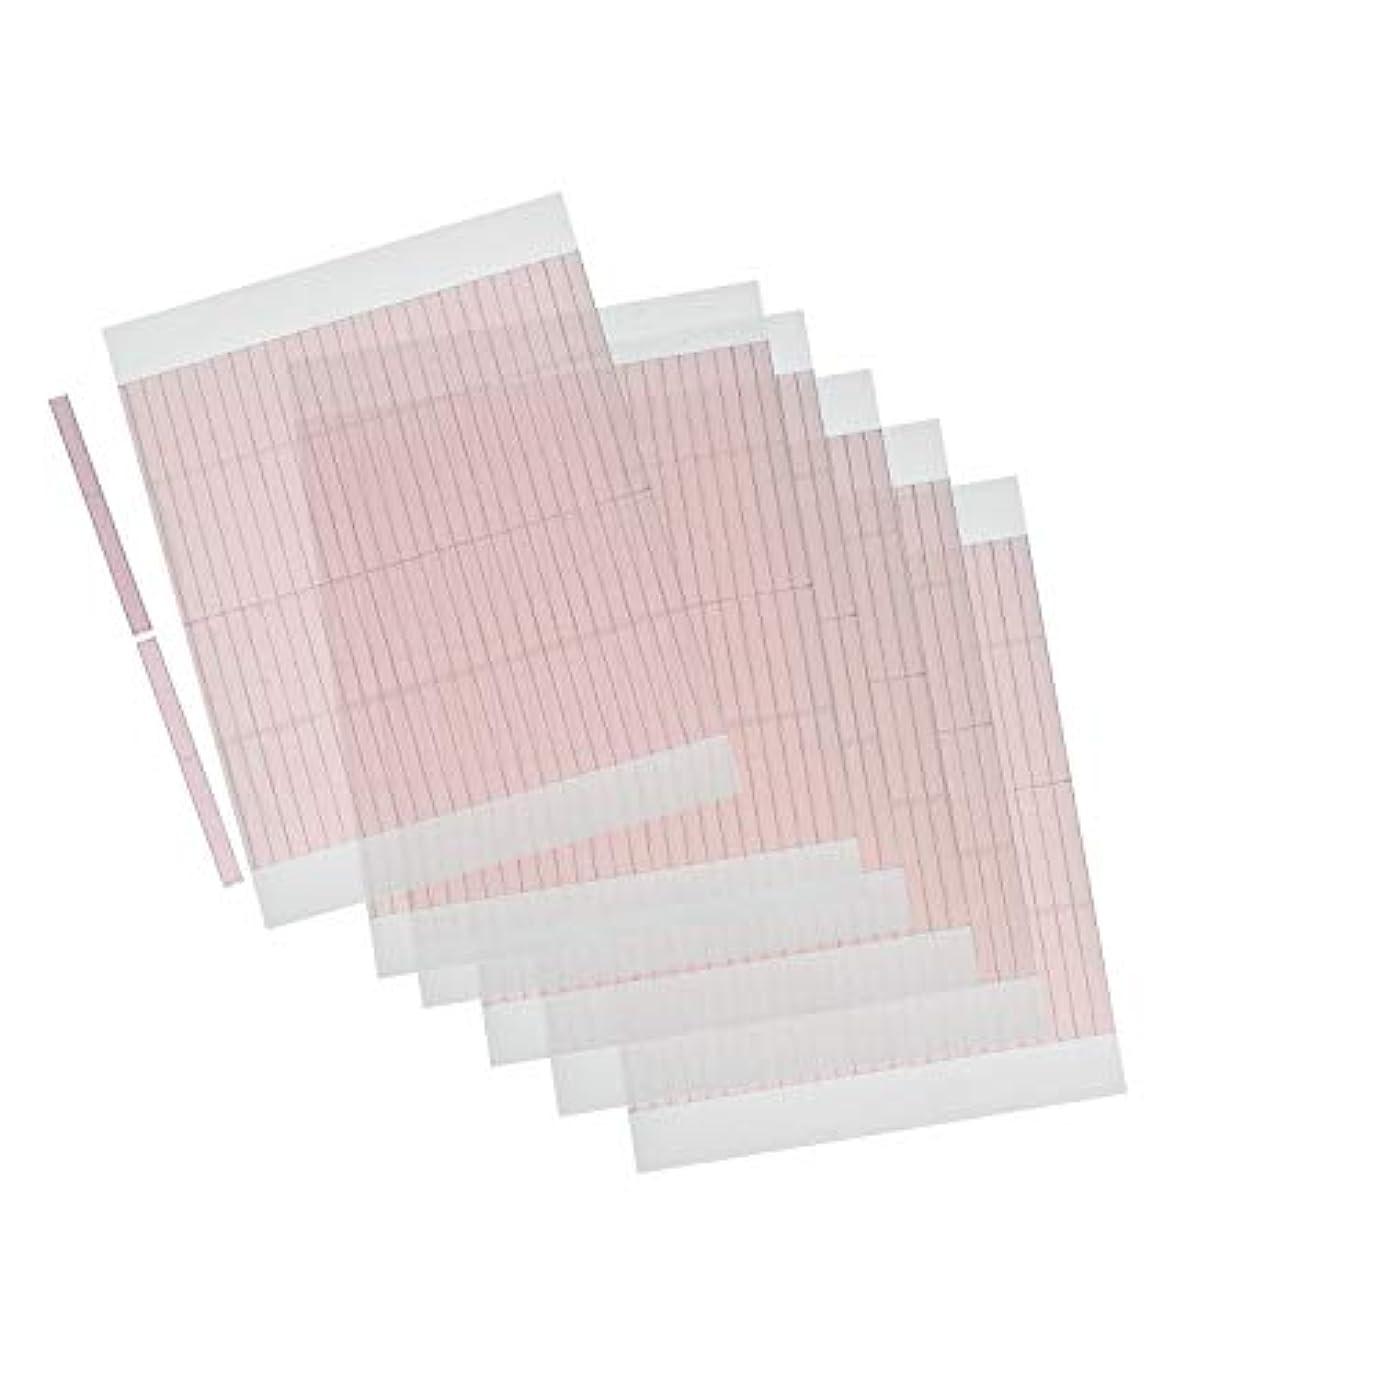 許容ボウリング柱m.tivance アイテープ 二重瞼形成 二重テープ 5シートセット 260本入り/アイテープ5枚セット